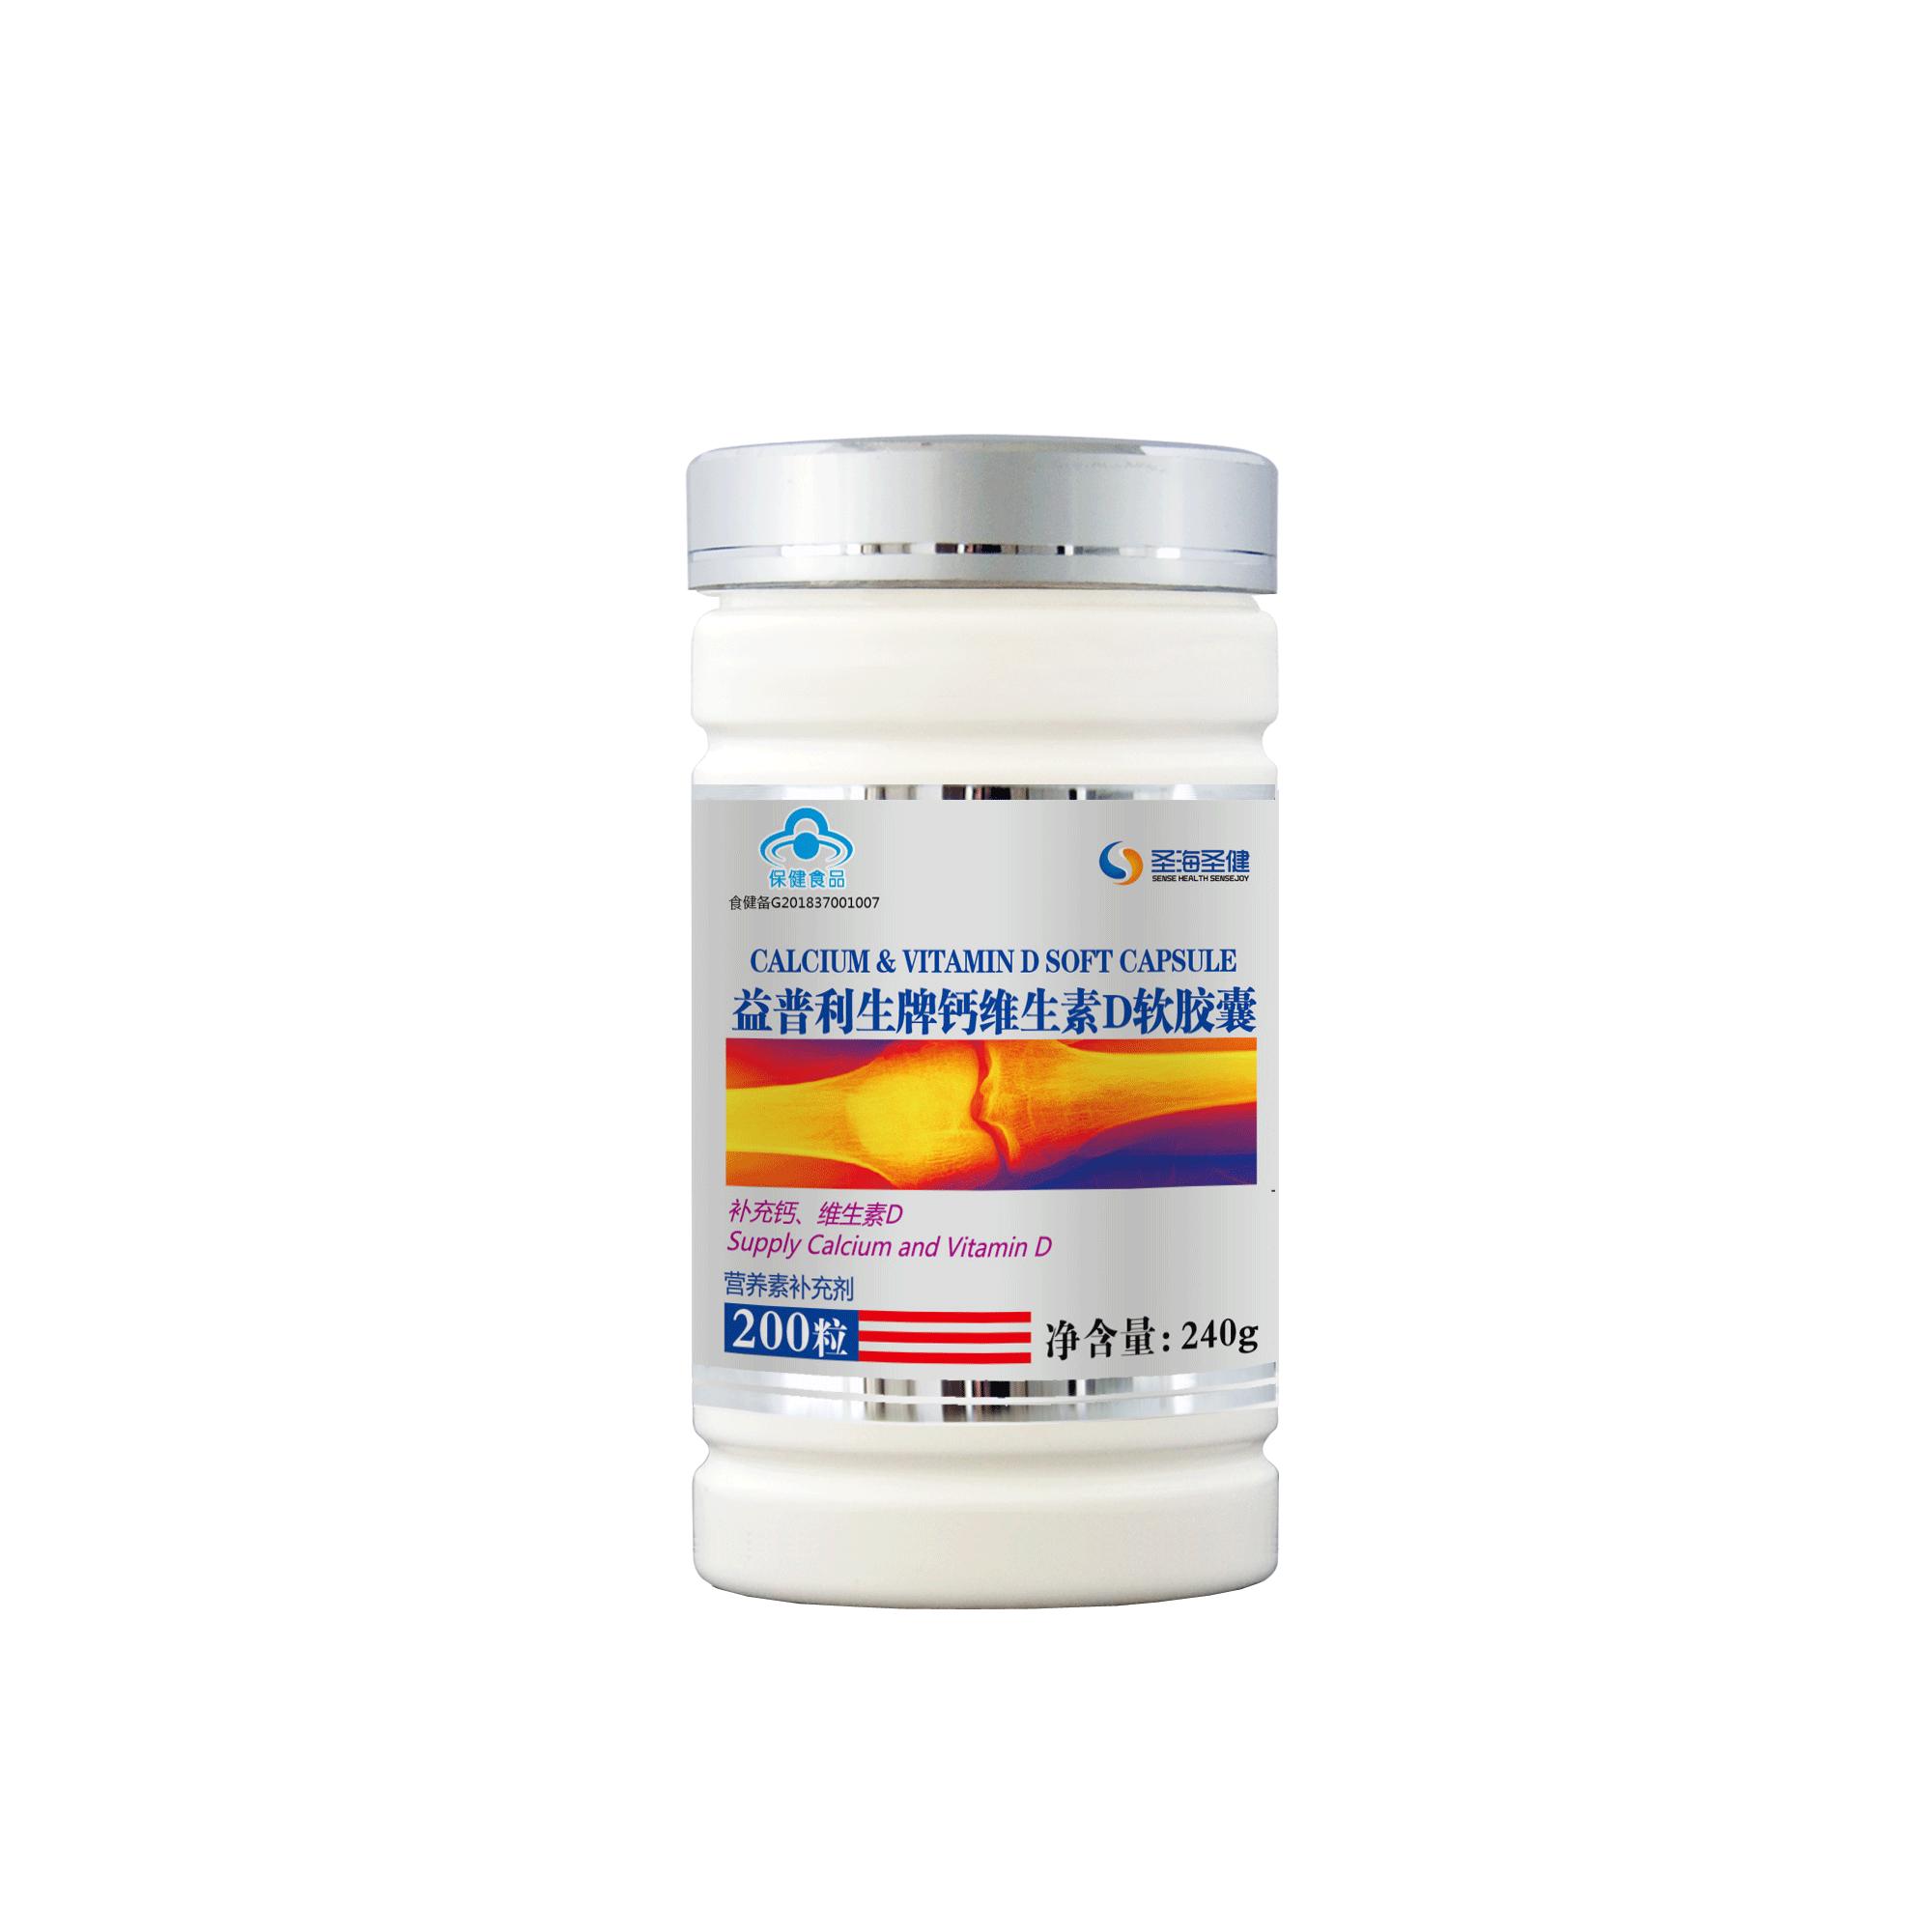 益普利生牌钙维生素D软胶囊200粒